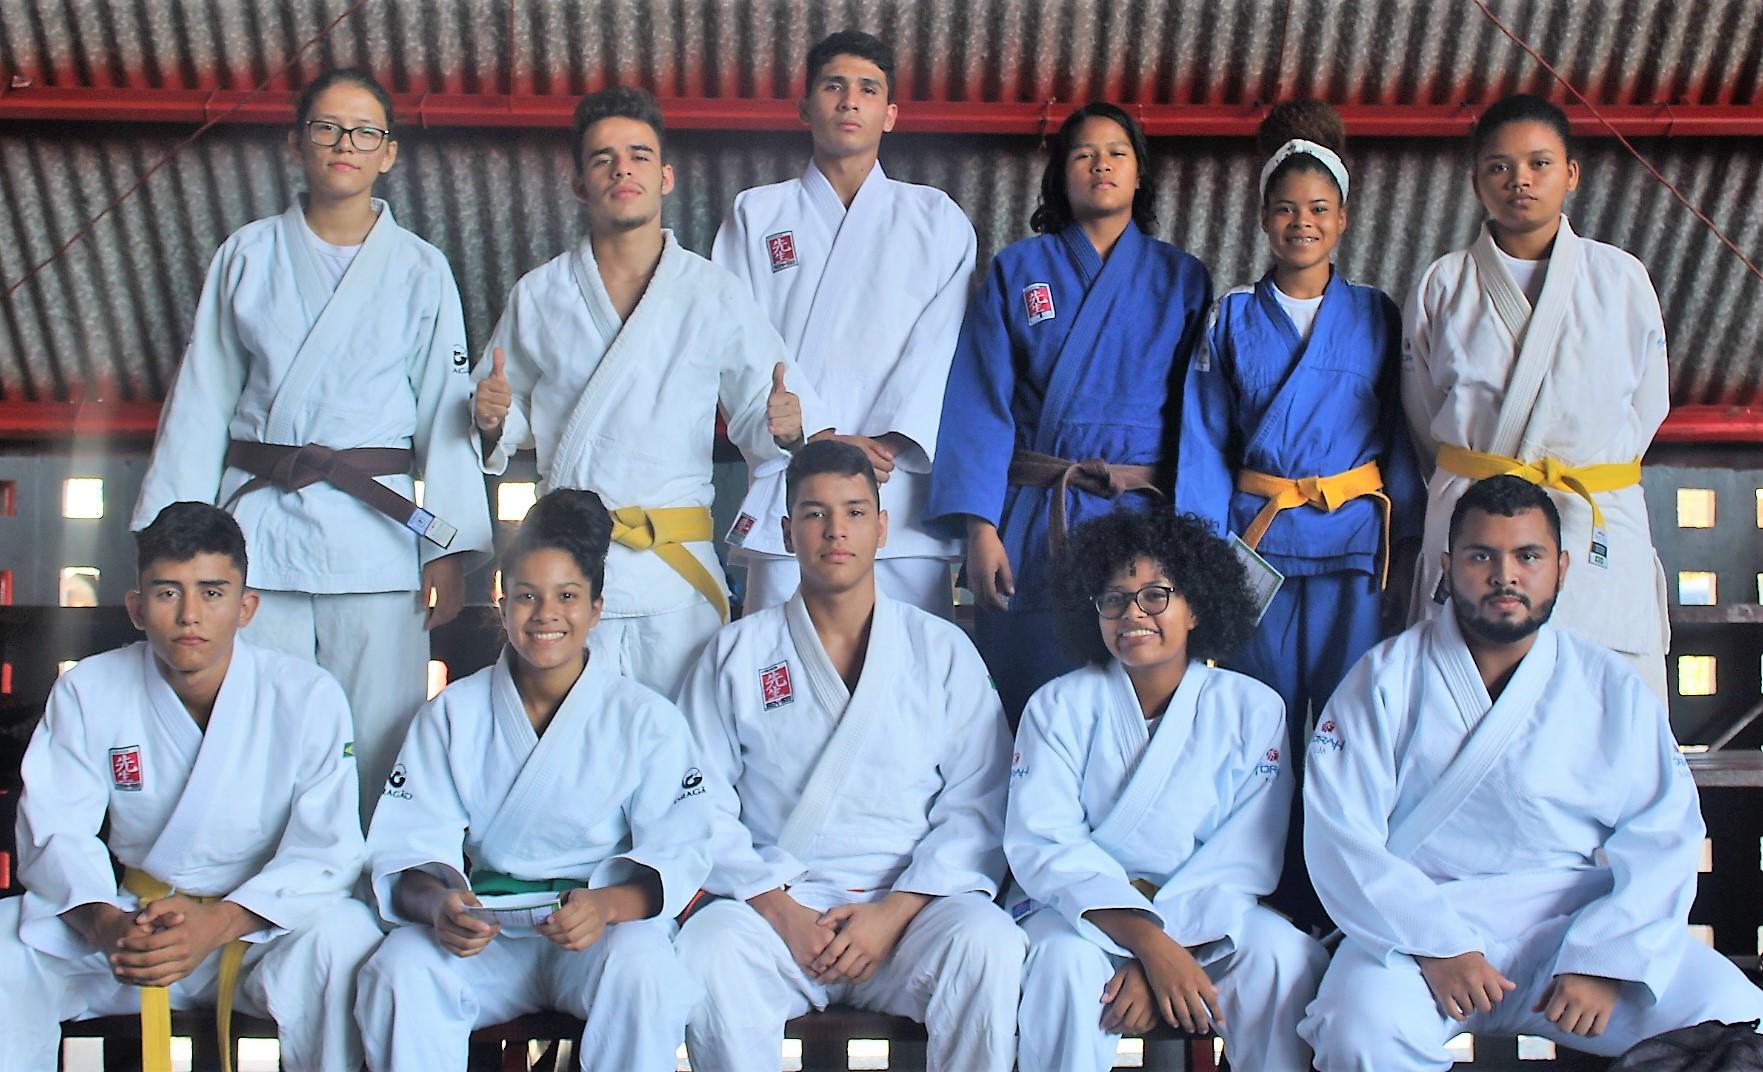 Ifap conquista 7 medalhas de ouro na etapa regional dos Jogos dos Institutos Federais